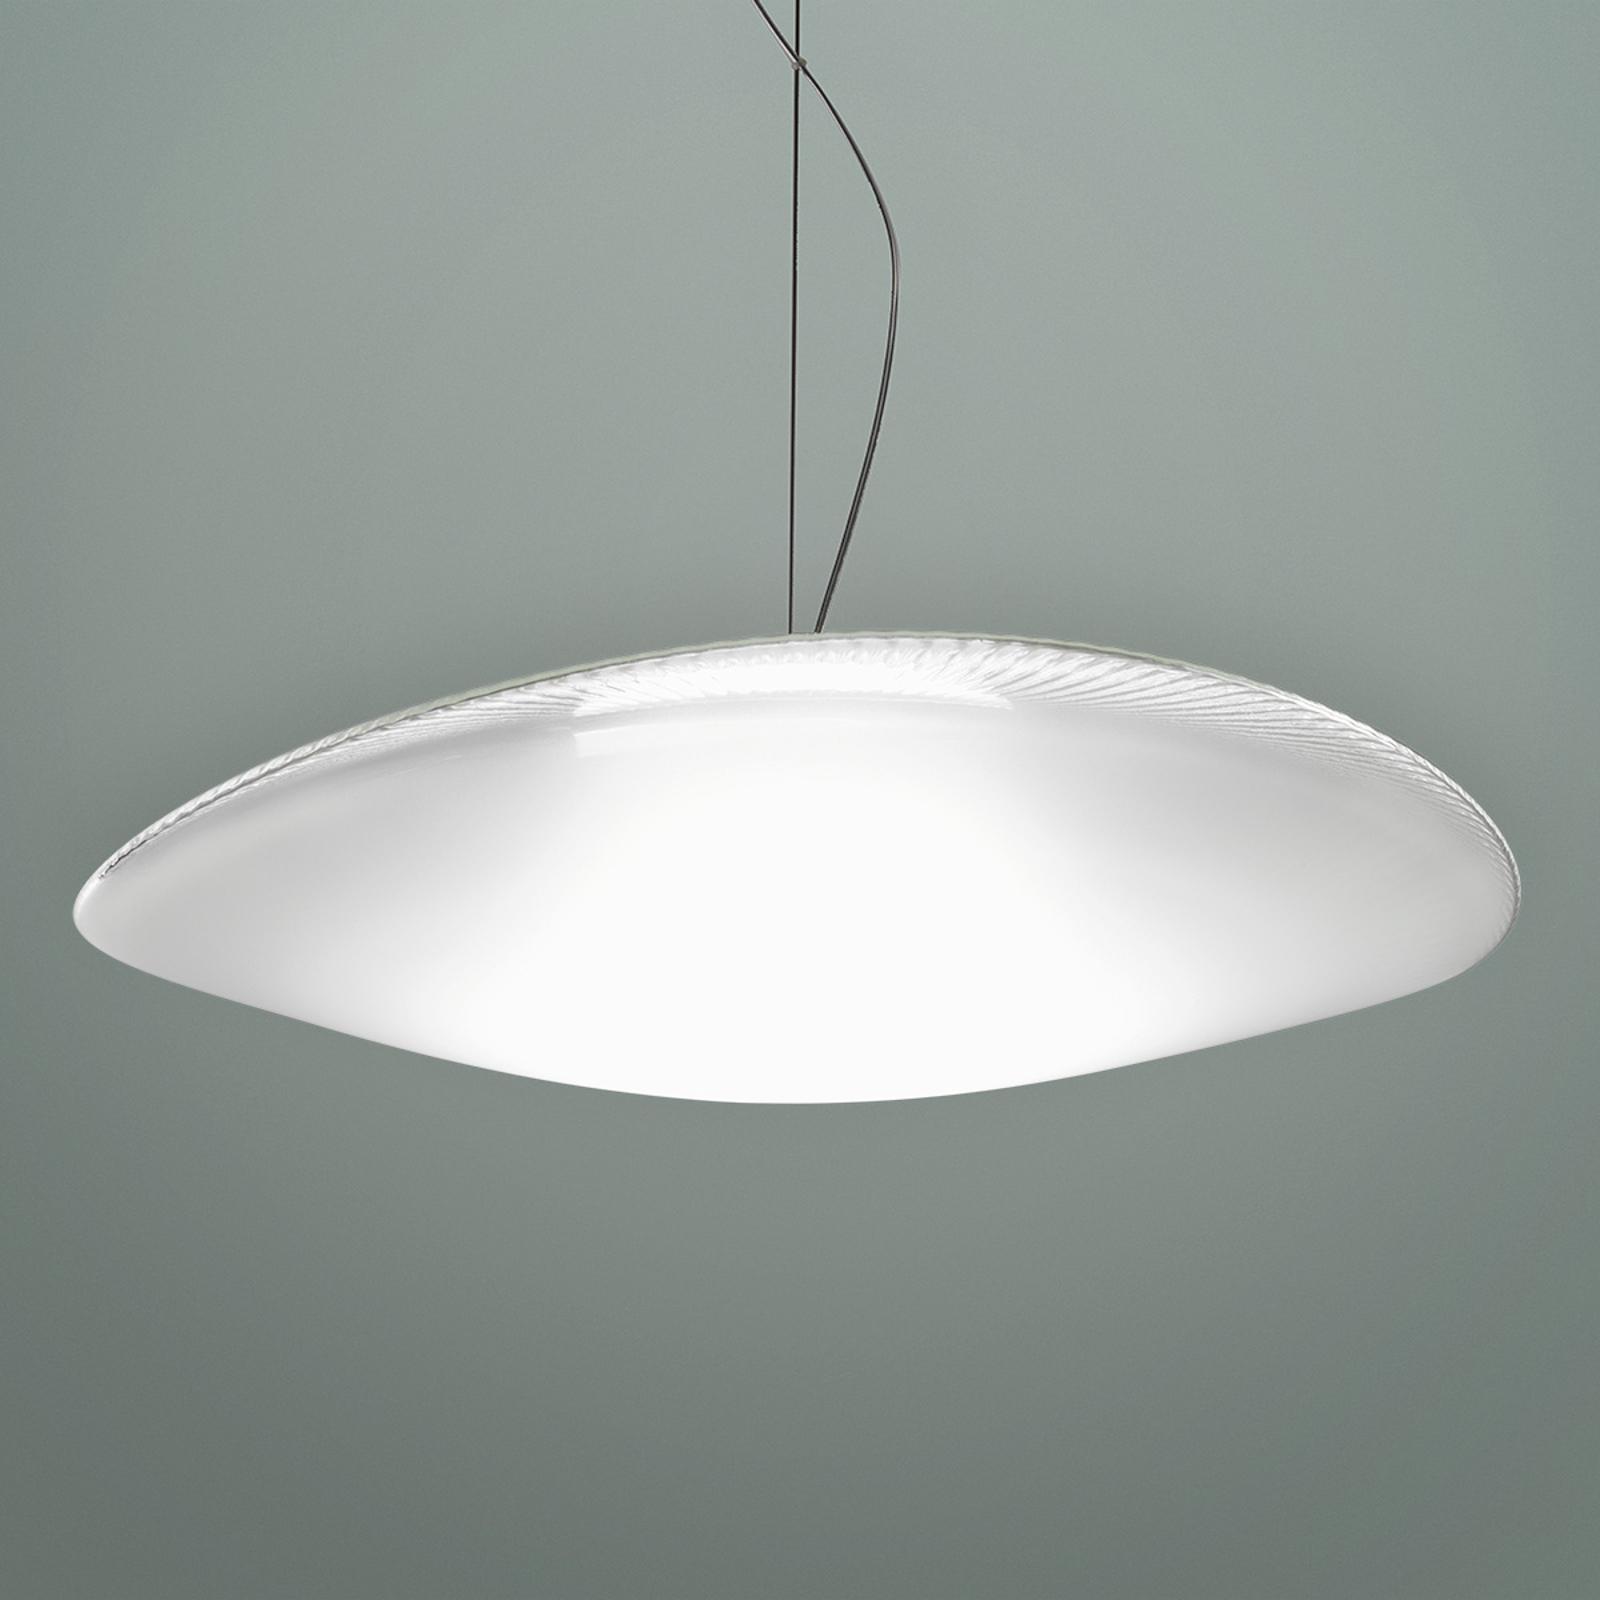 Fabbian Loop -LED-riippuvalo lasia, 3000K